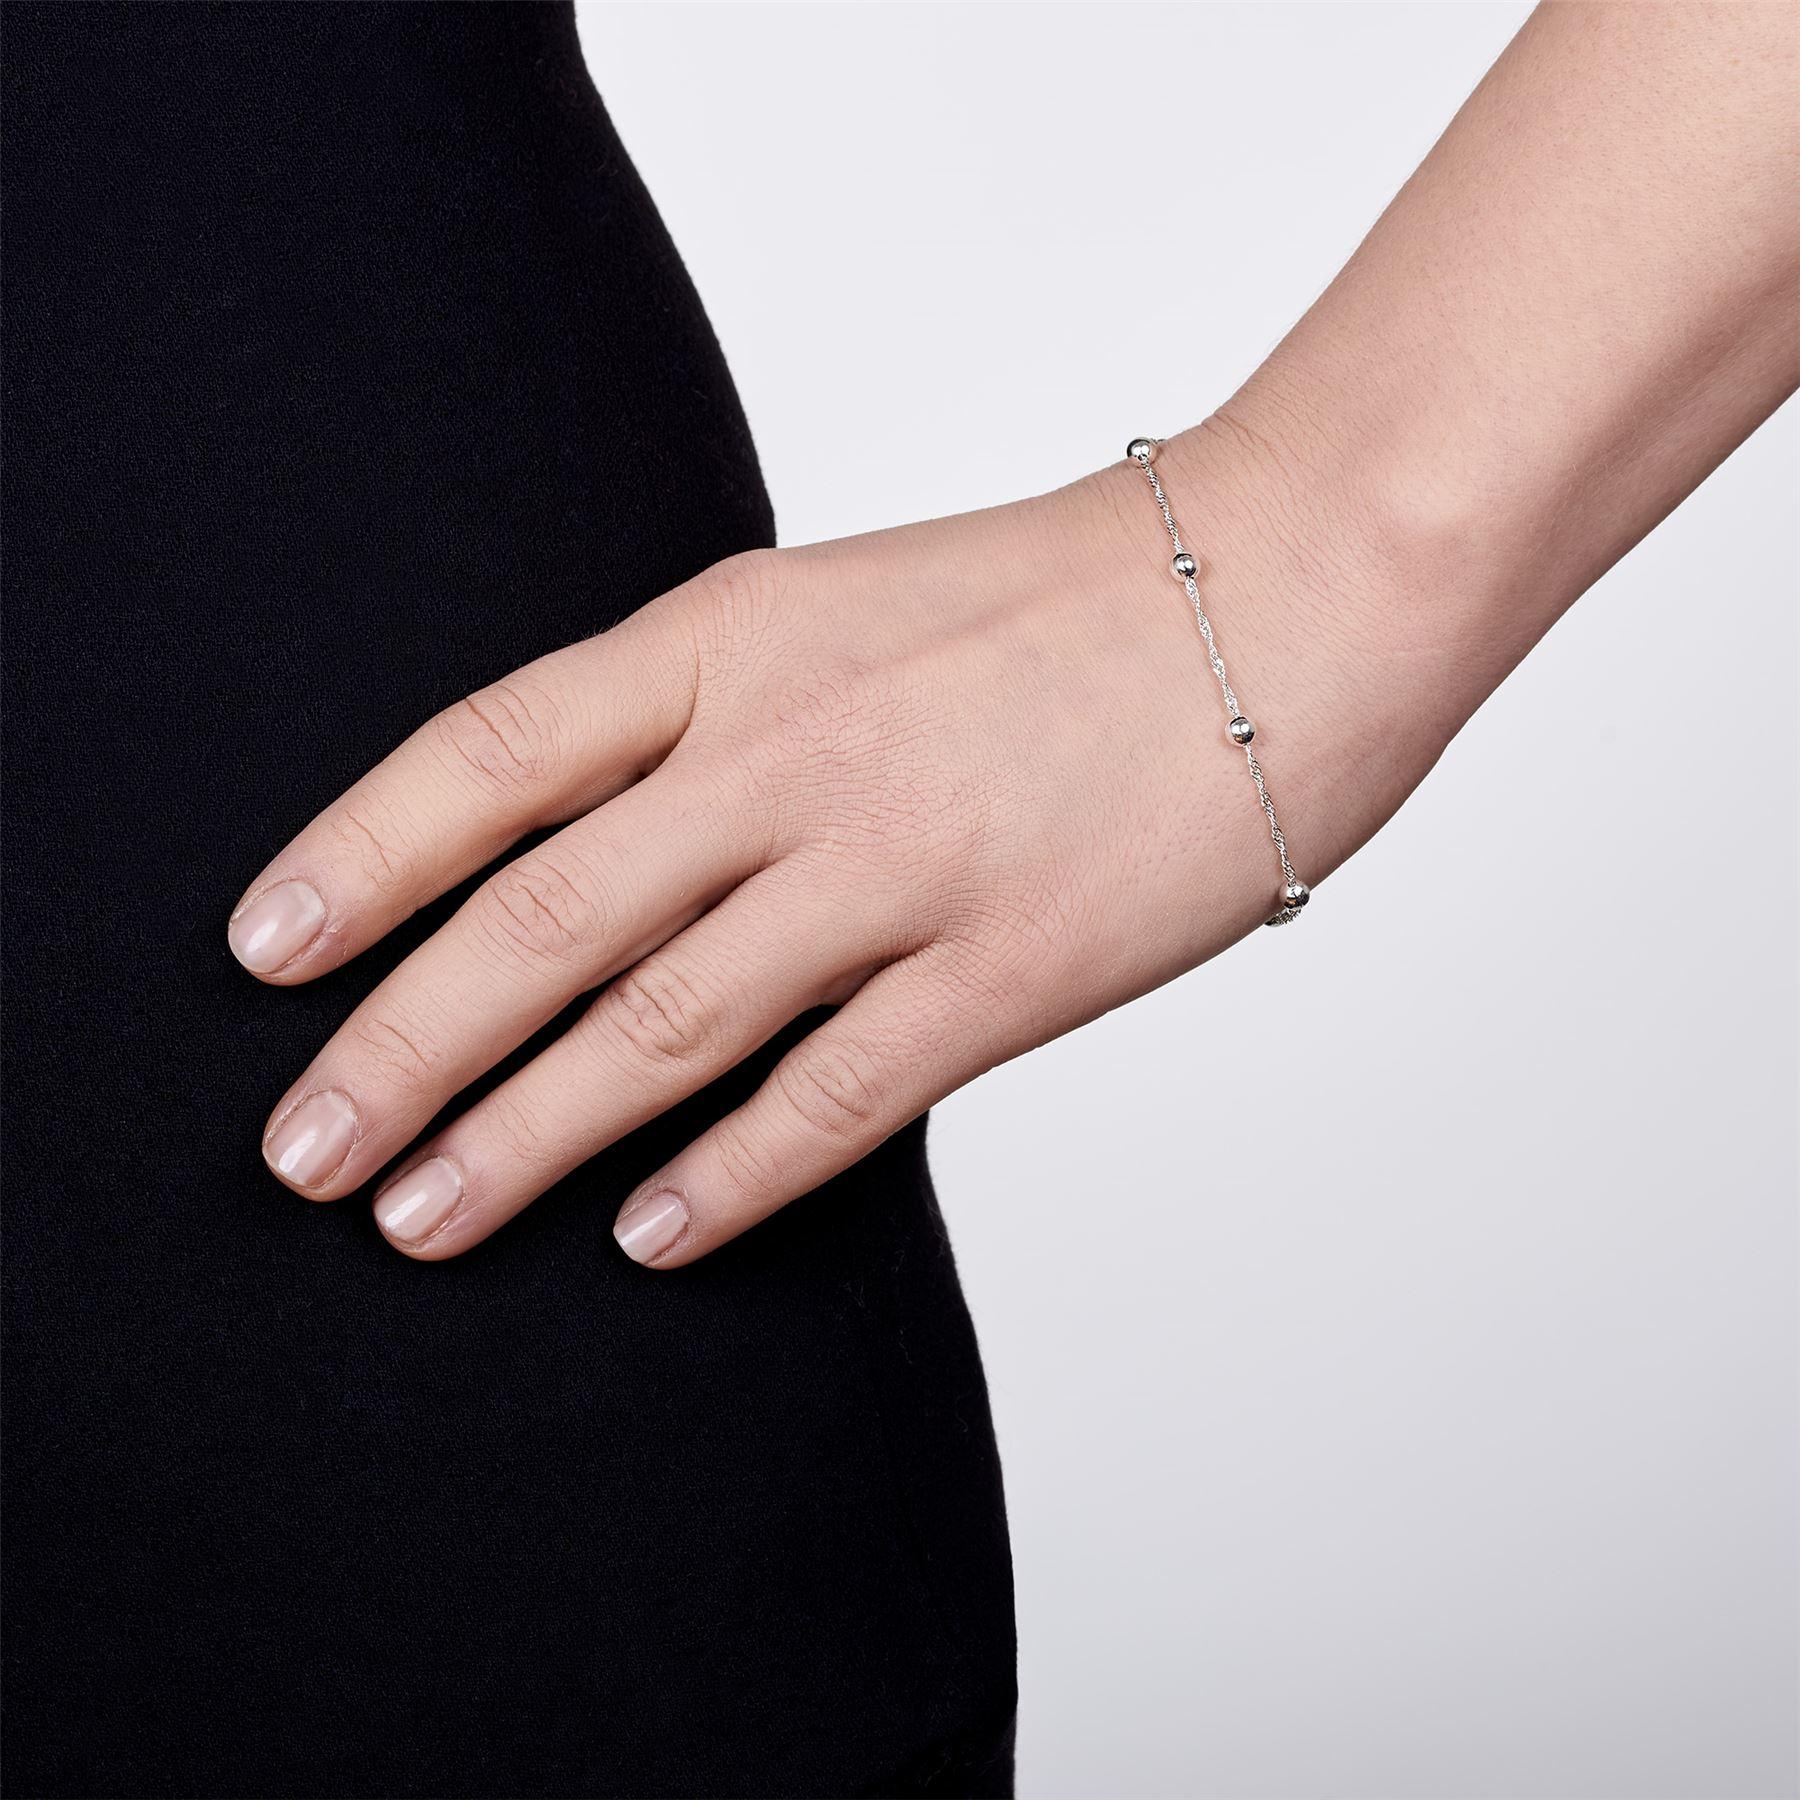 Amberta-Bijoux-Bracelet-en-Vrai-Argent-Sterling-925-Chaine-pour-Femme-a-la-Mode thumbnail 20